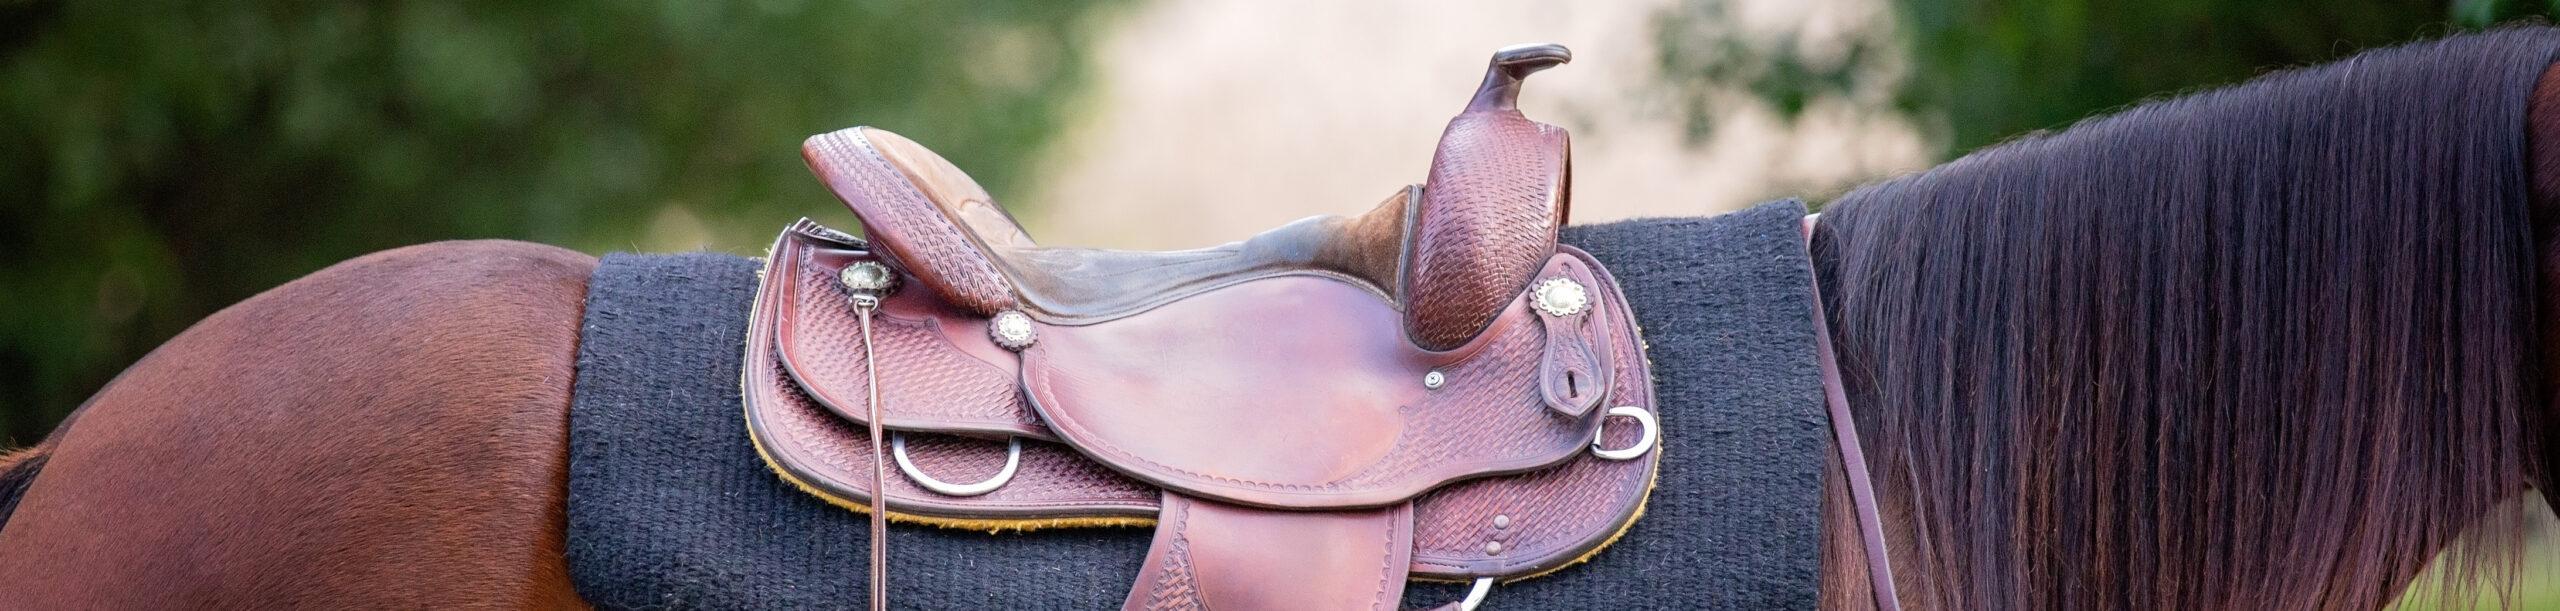 Western Saddle Image